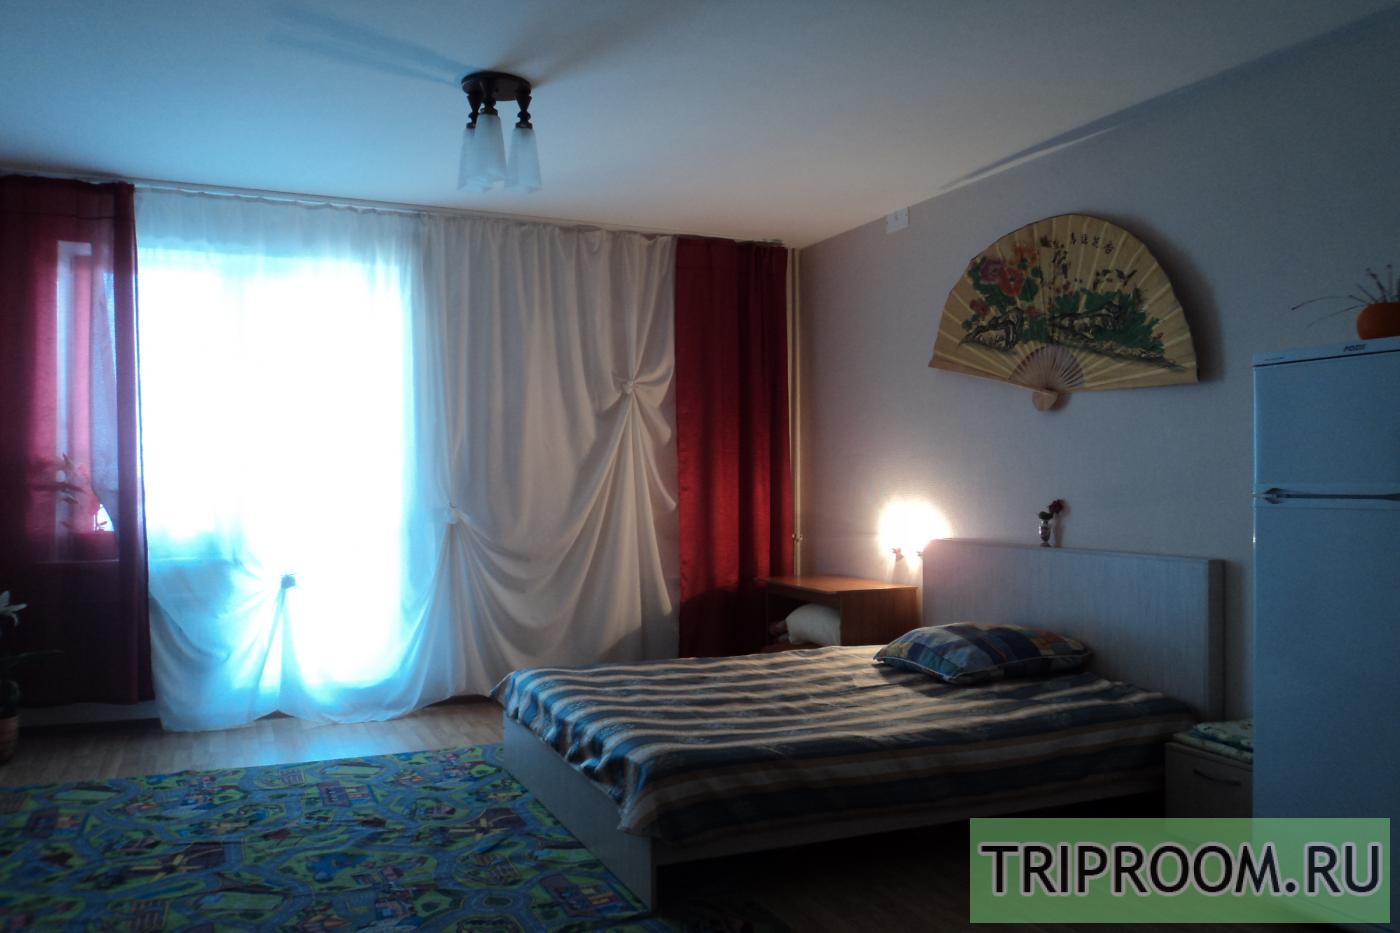 1-комнатная квартира посуточно (вариант № 8988), ул. Братьев Кашириных улица, фото № 3